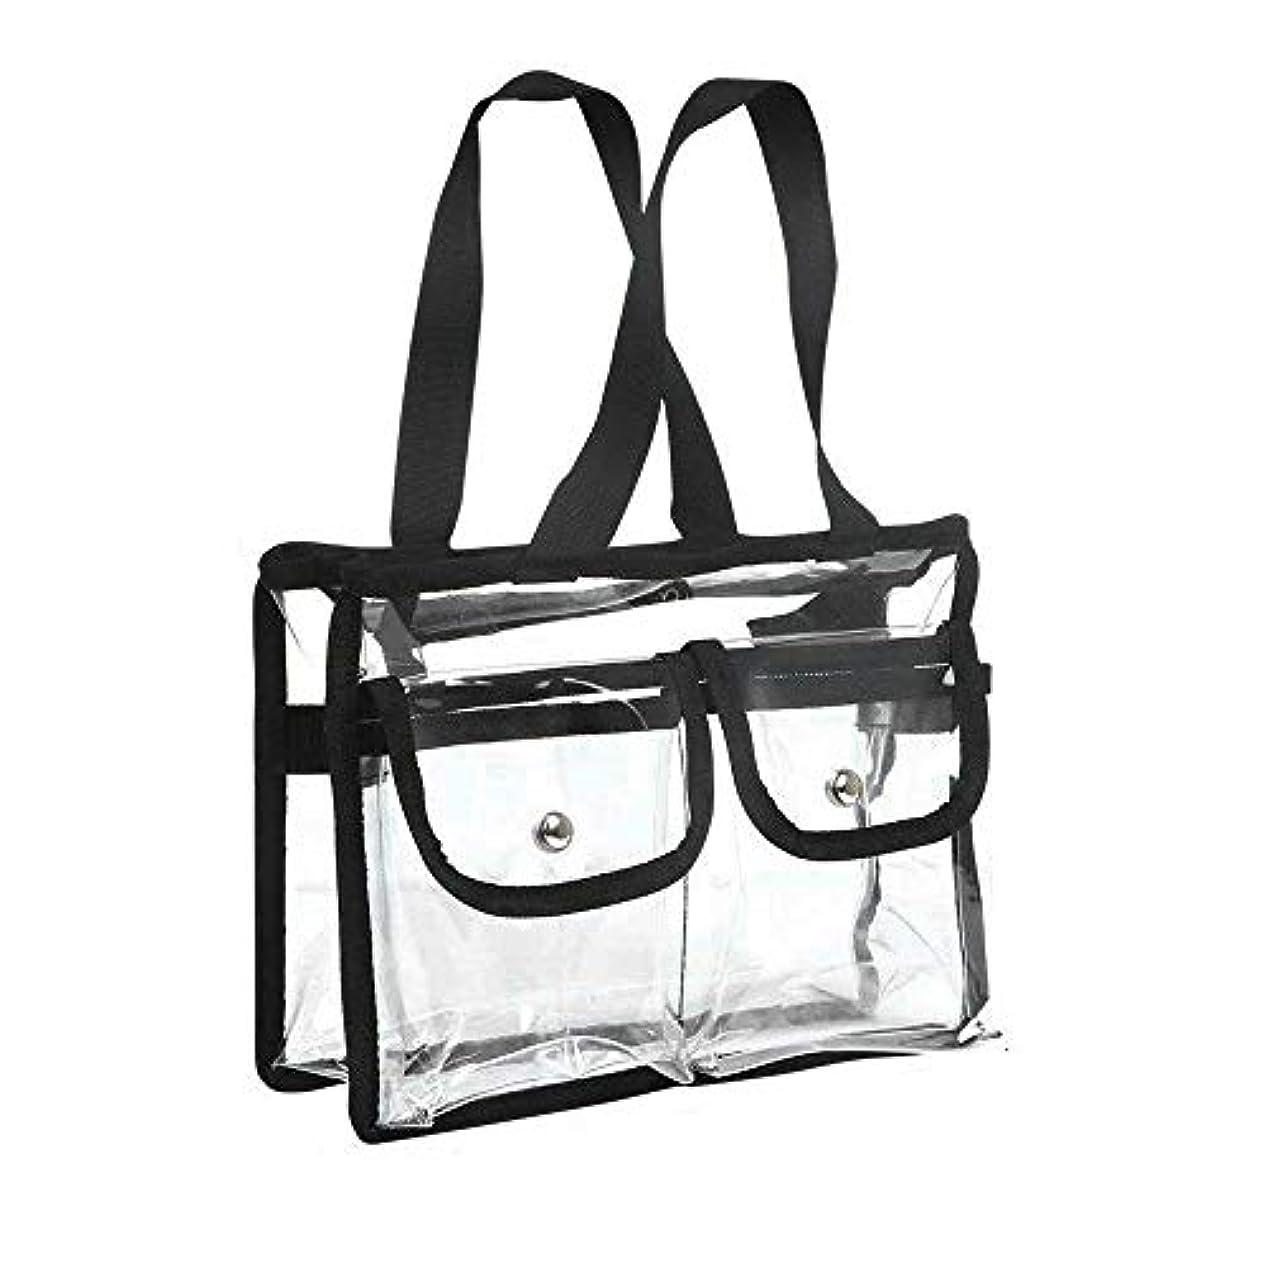 雪導体母音メイクケース ポータブル 透明化粧品バッグ 多機能 旅行用メイクポーチ ジッパー 防水 トートバッグ 取り外し可能 調整可能なショルダーストラップ 女性と男性 シャワー 収納 ウォッシュバッグ